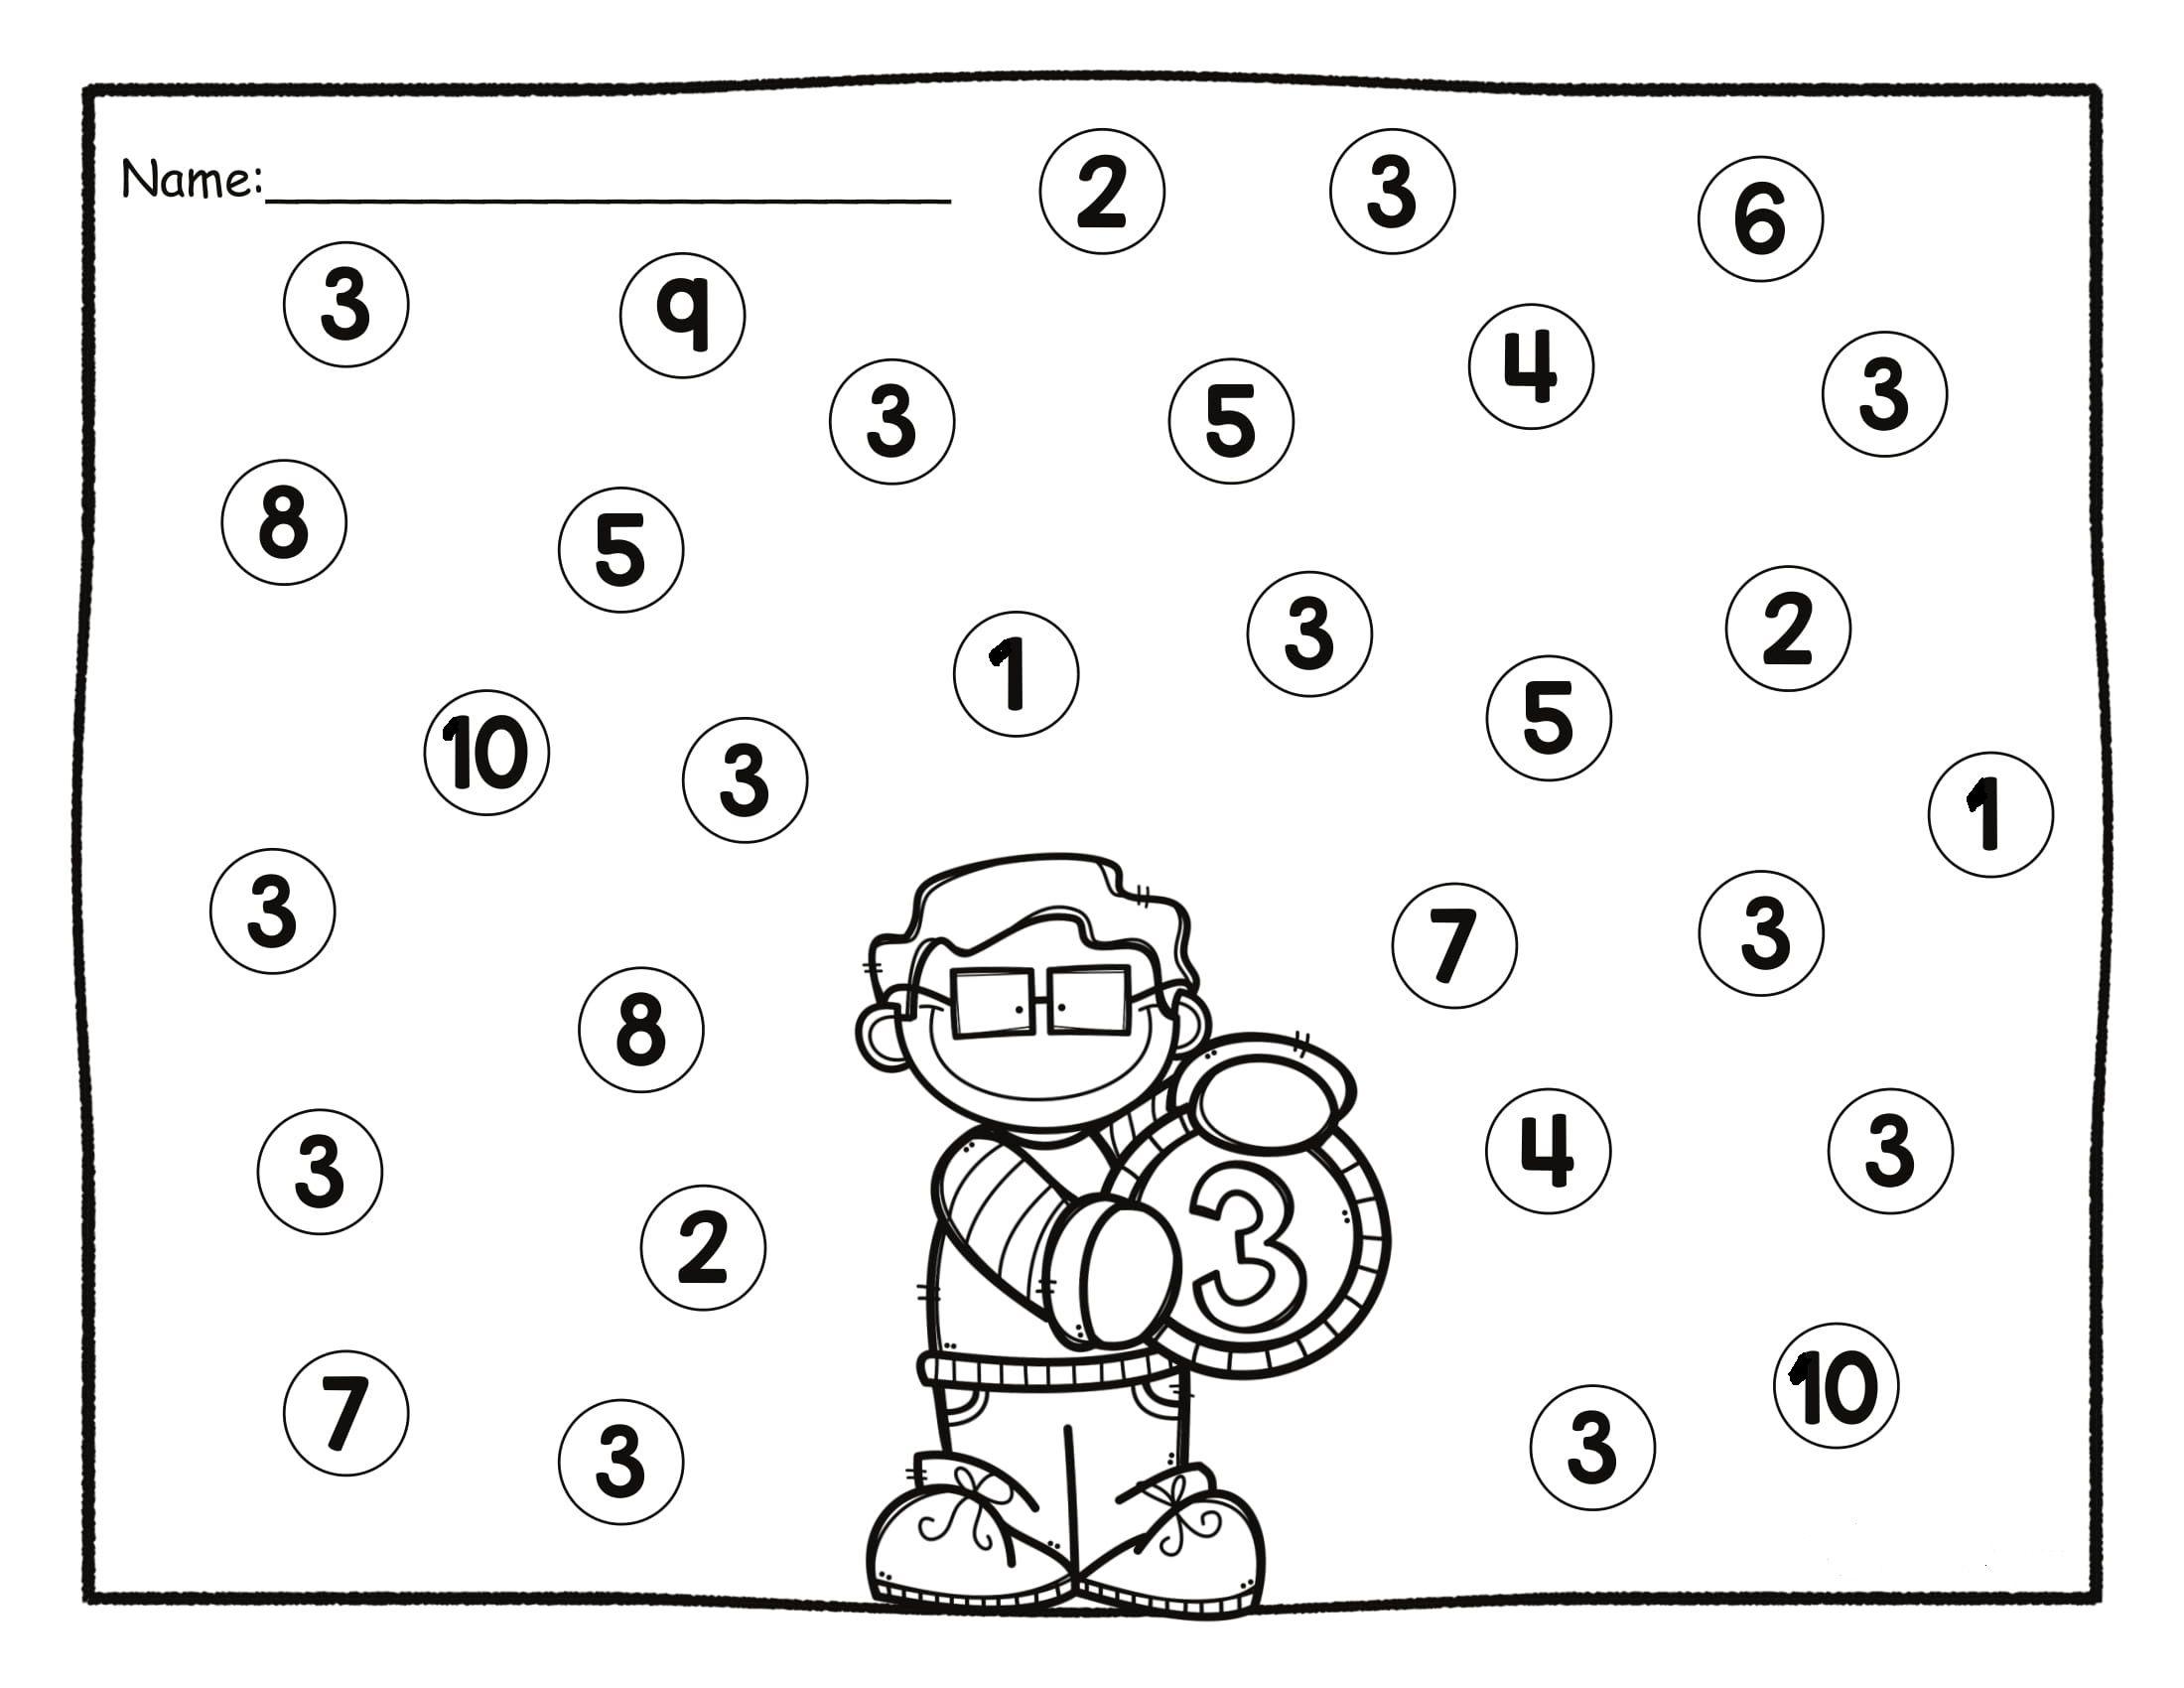 Okul Oncesi Eglenceli Ve Etkin Etkinlinkler Temel Matematik